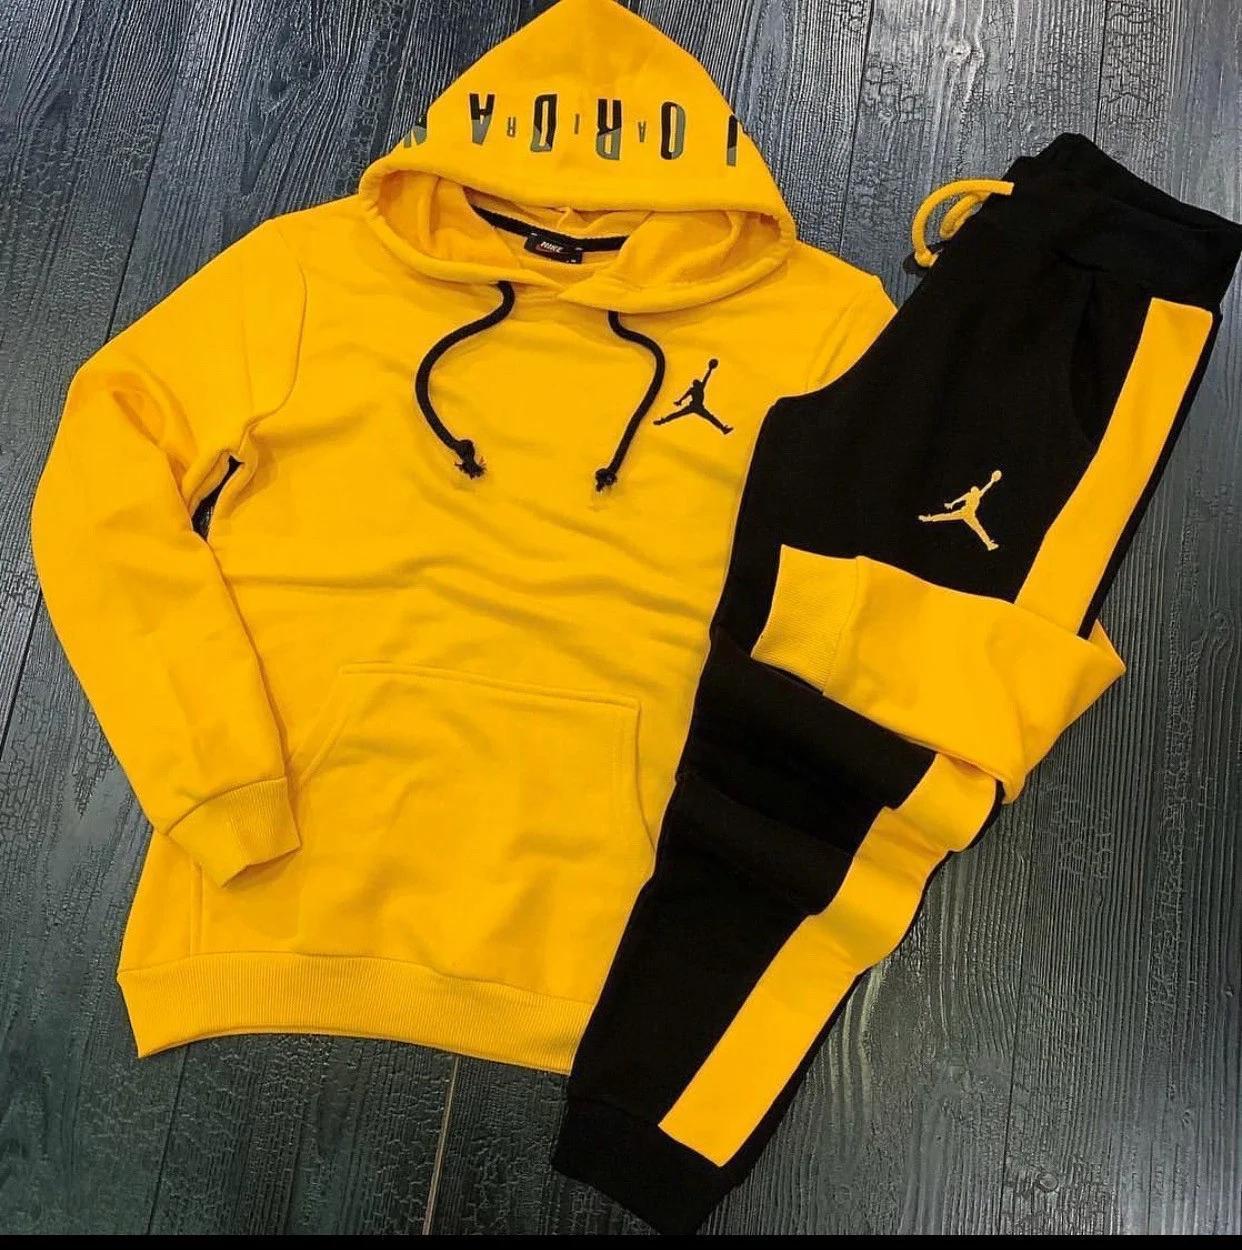 Мужской спортивный костюм карман кенгуру. Мужской спортивный костюм из турецкого трикотажа.